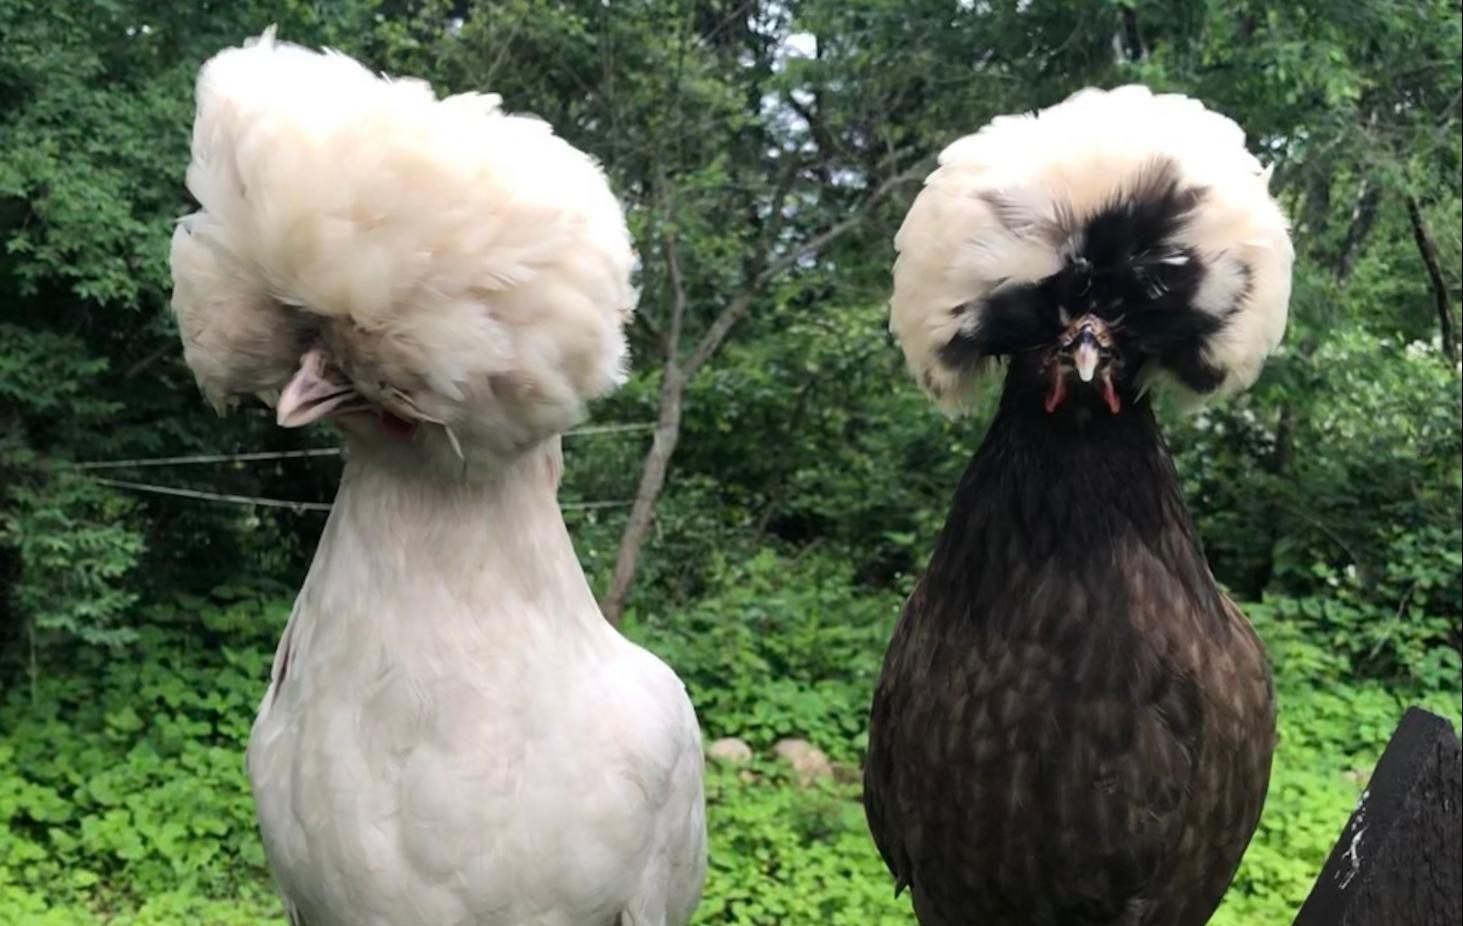 Sroka's award winning chickens